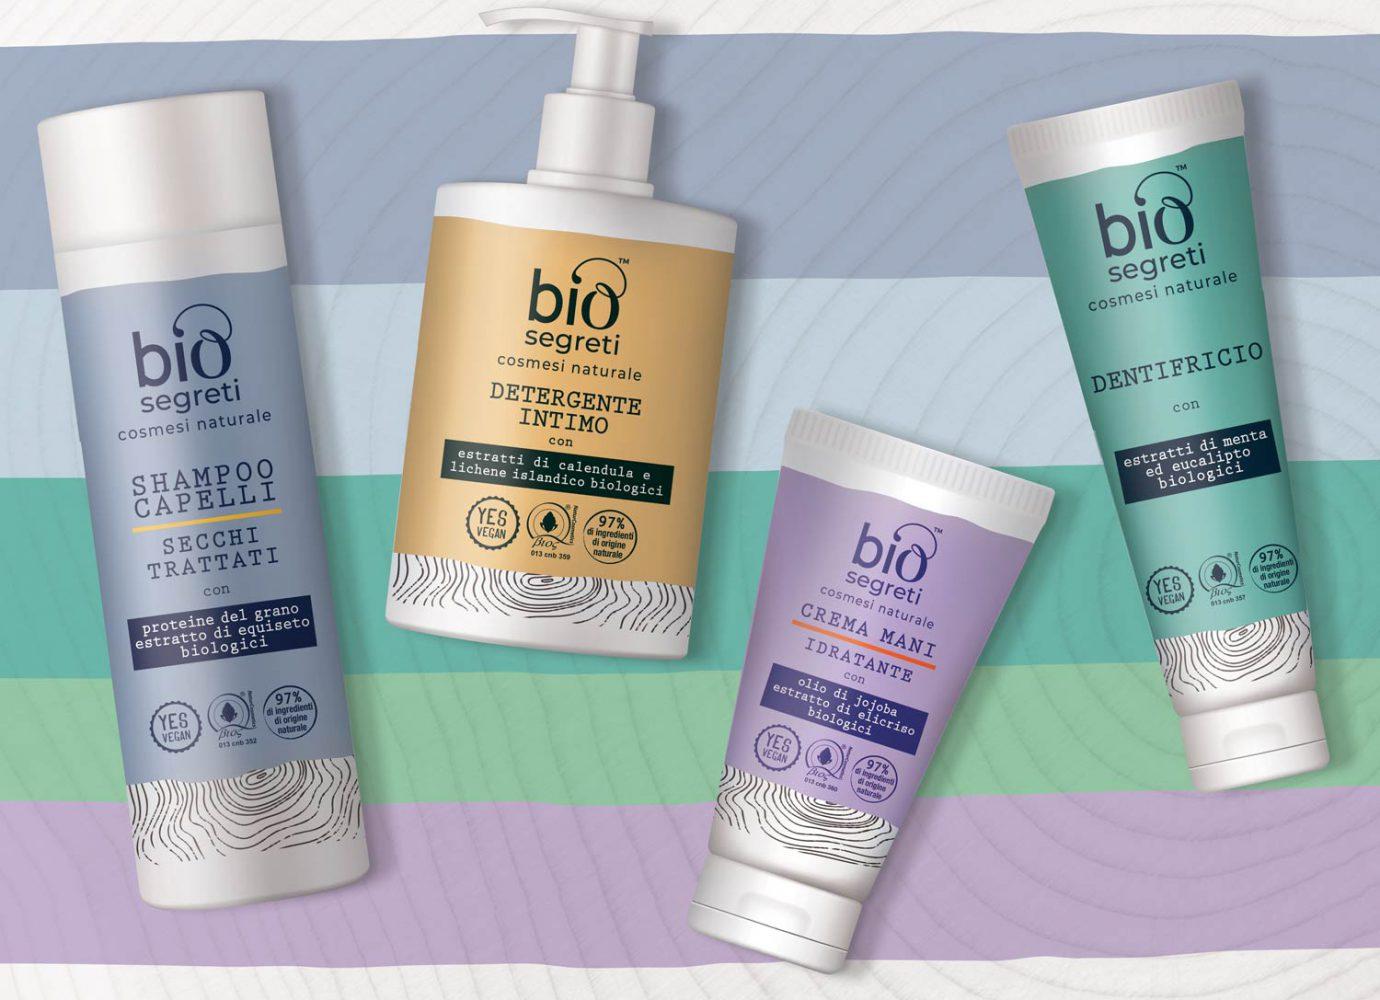 Packaging design di prodotti cosmetici naturali per la GDO realizzato da WillBe